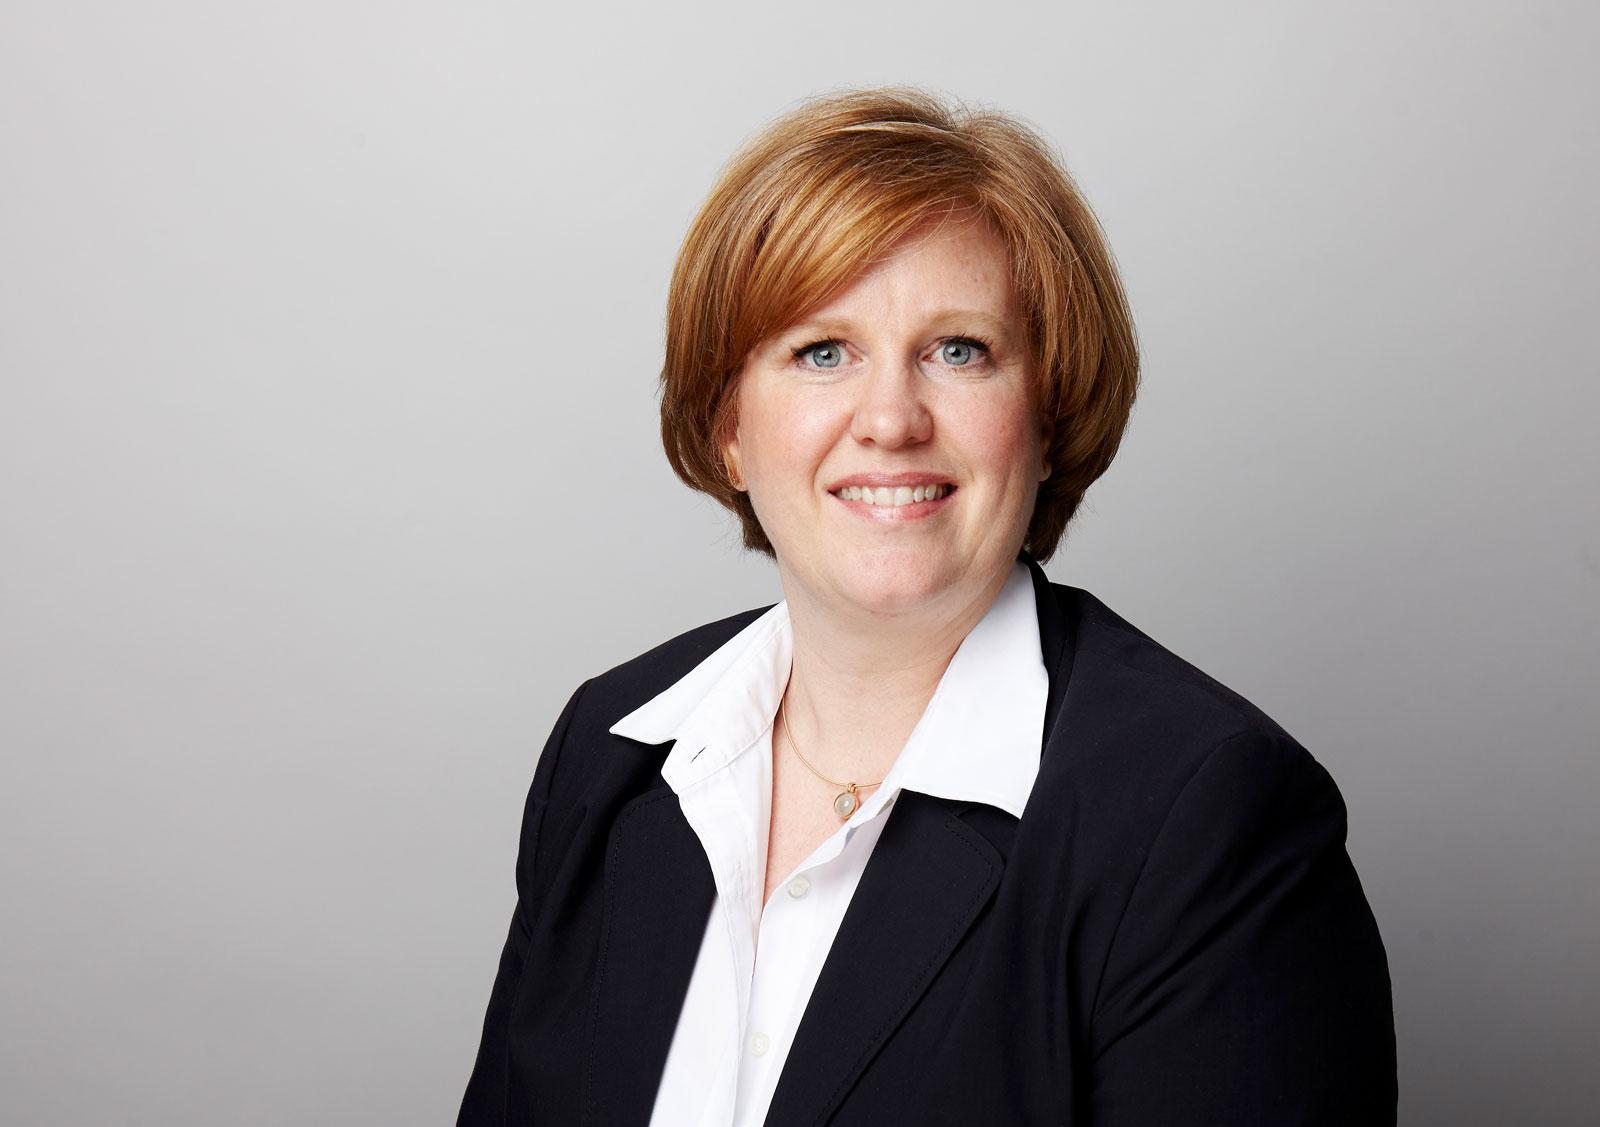 Gabriele Philipp ist die neue Geschäftsführerin bei der Agentur für Verbands- und Unternehmensmarketing